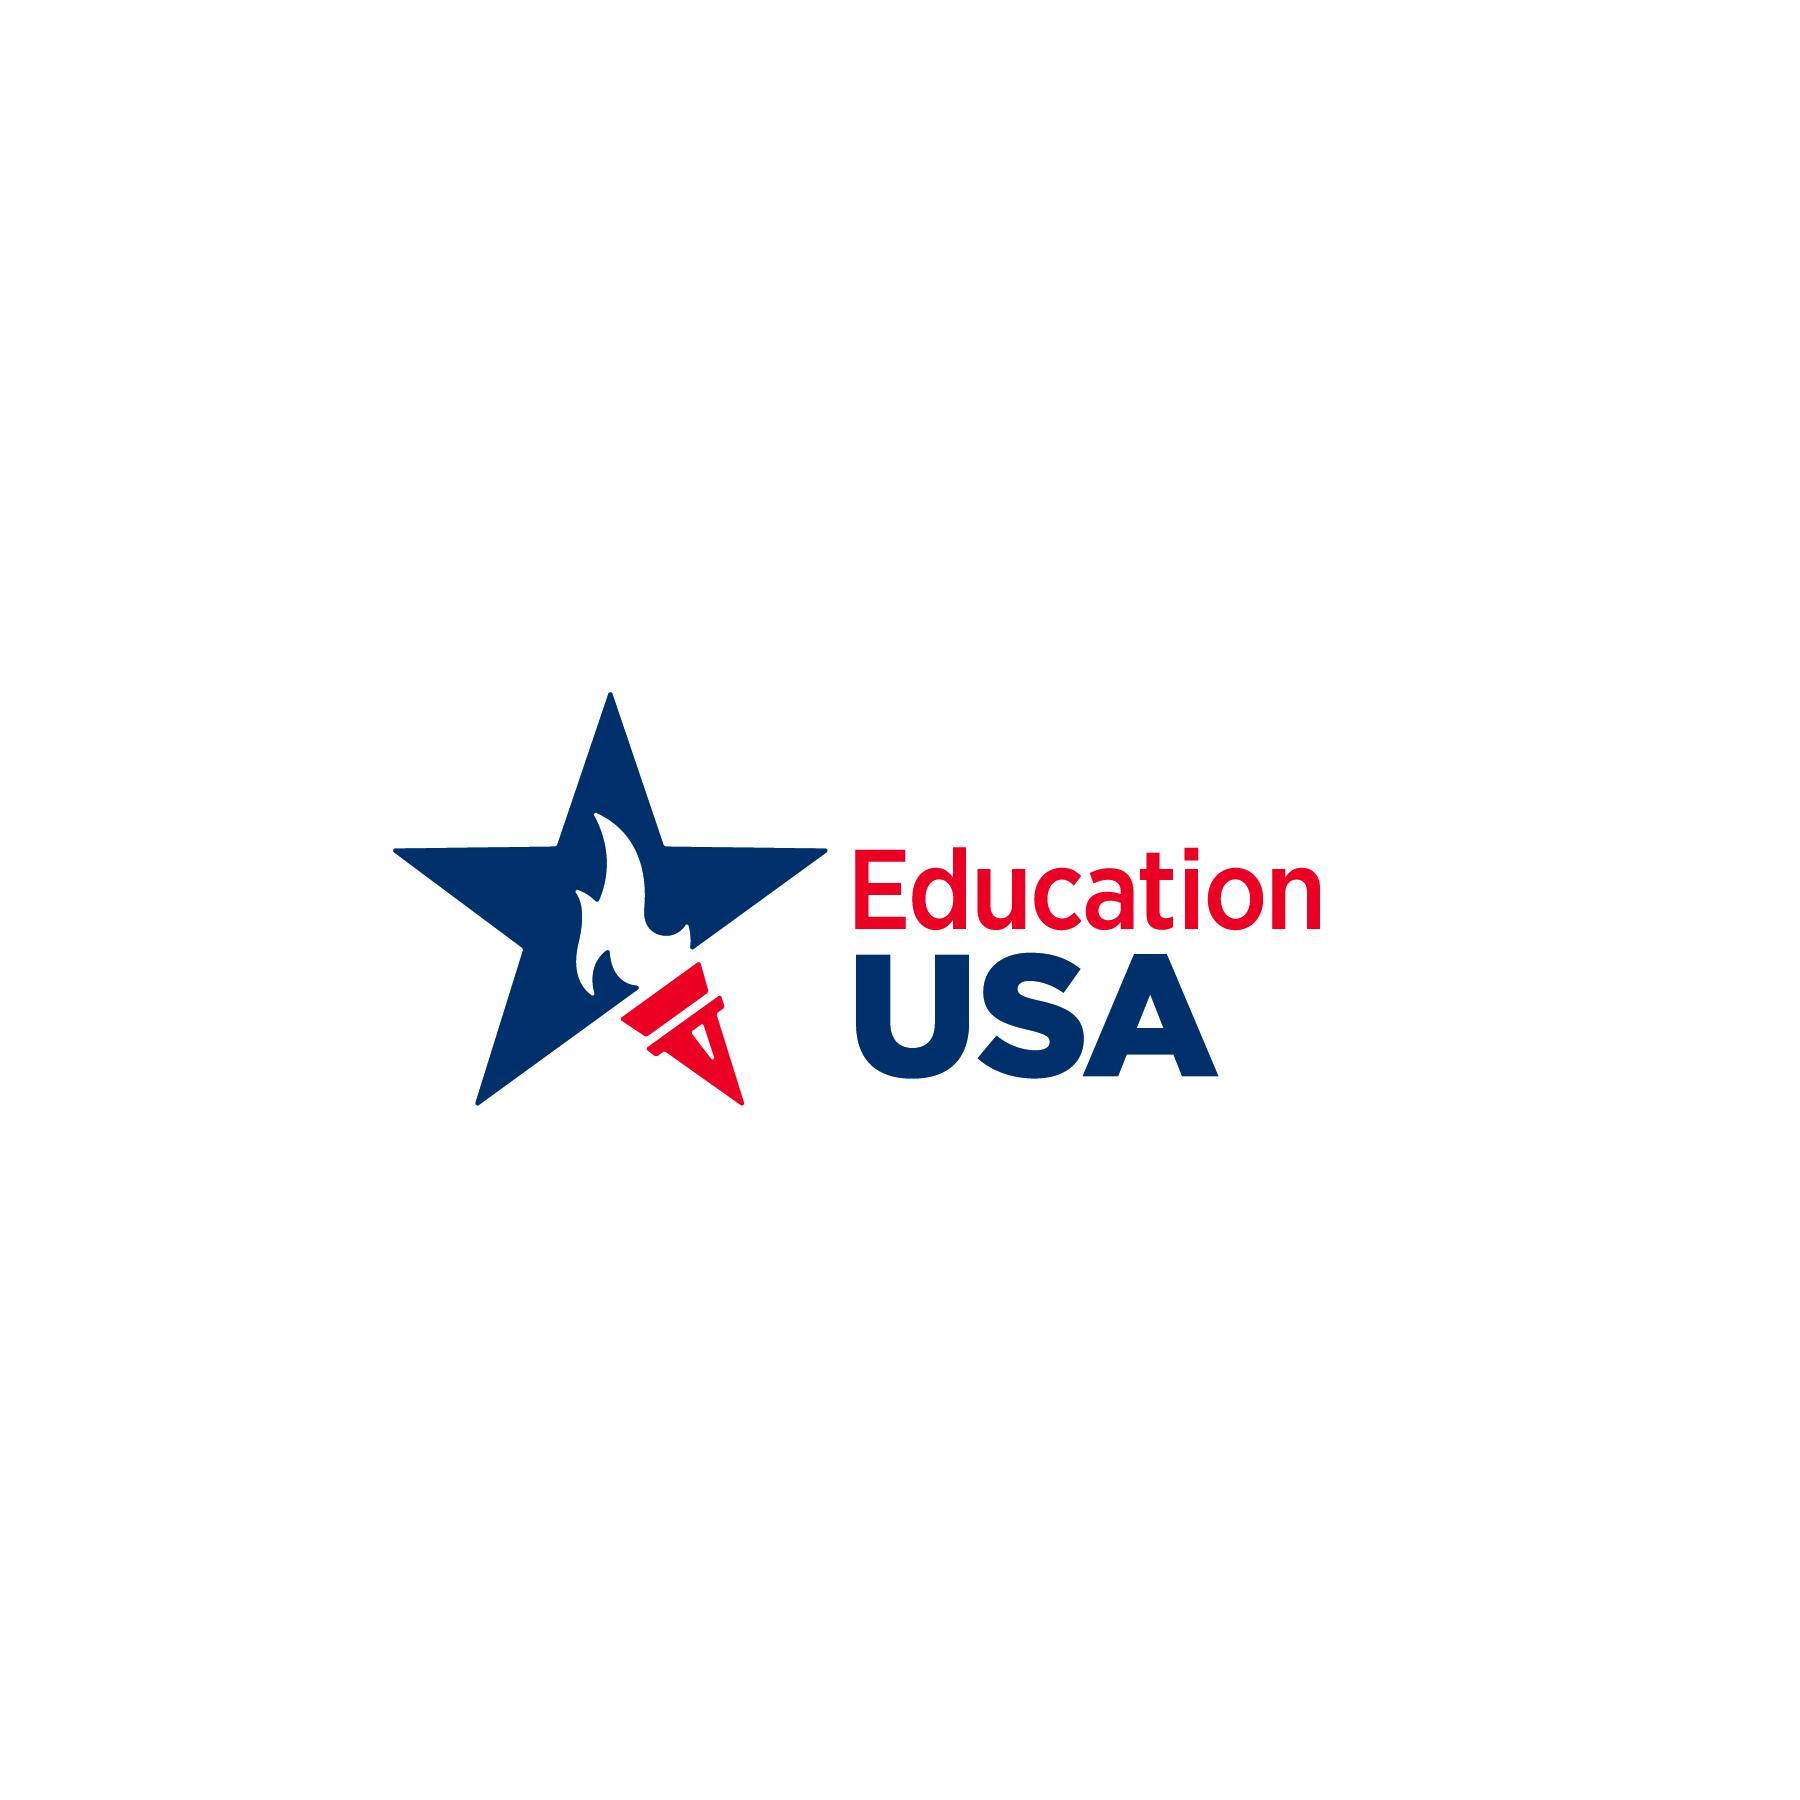 EducationUSA - Associação Alumni